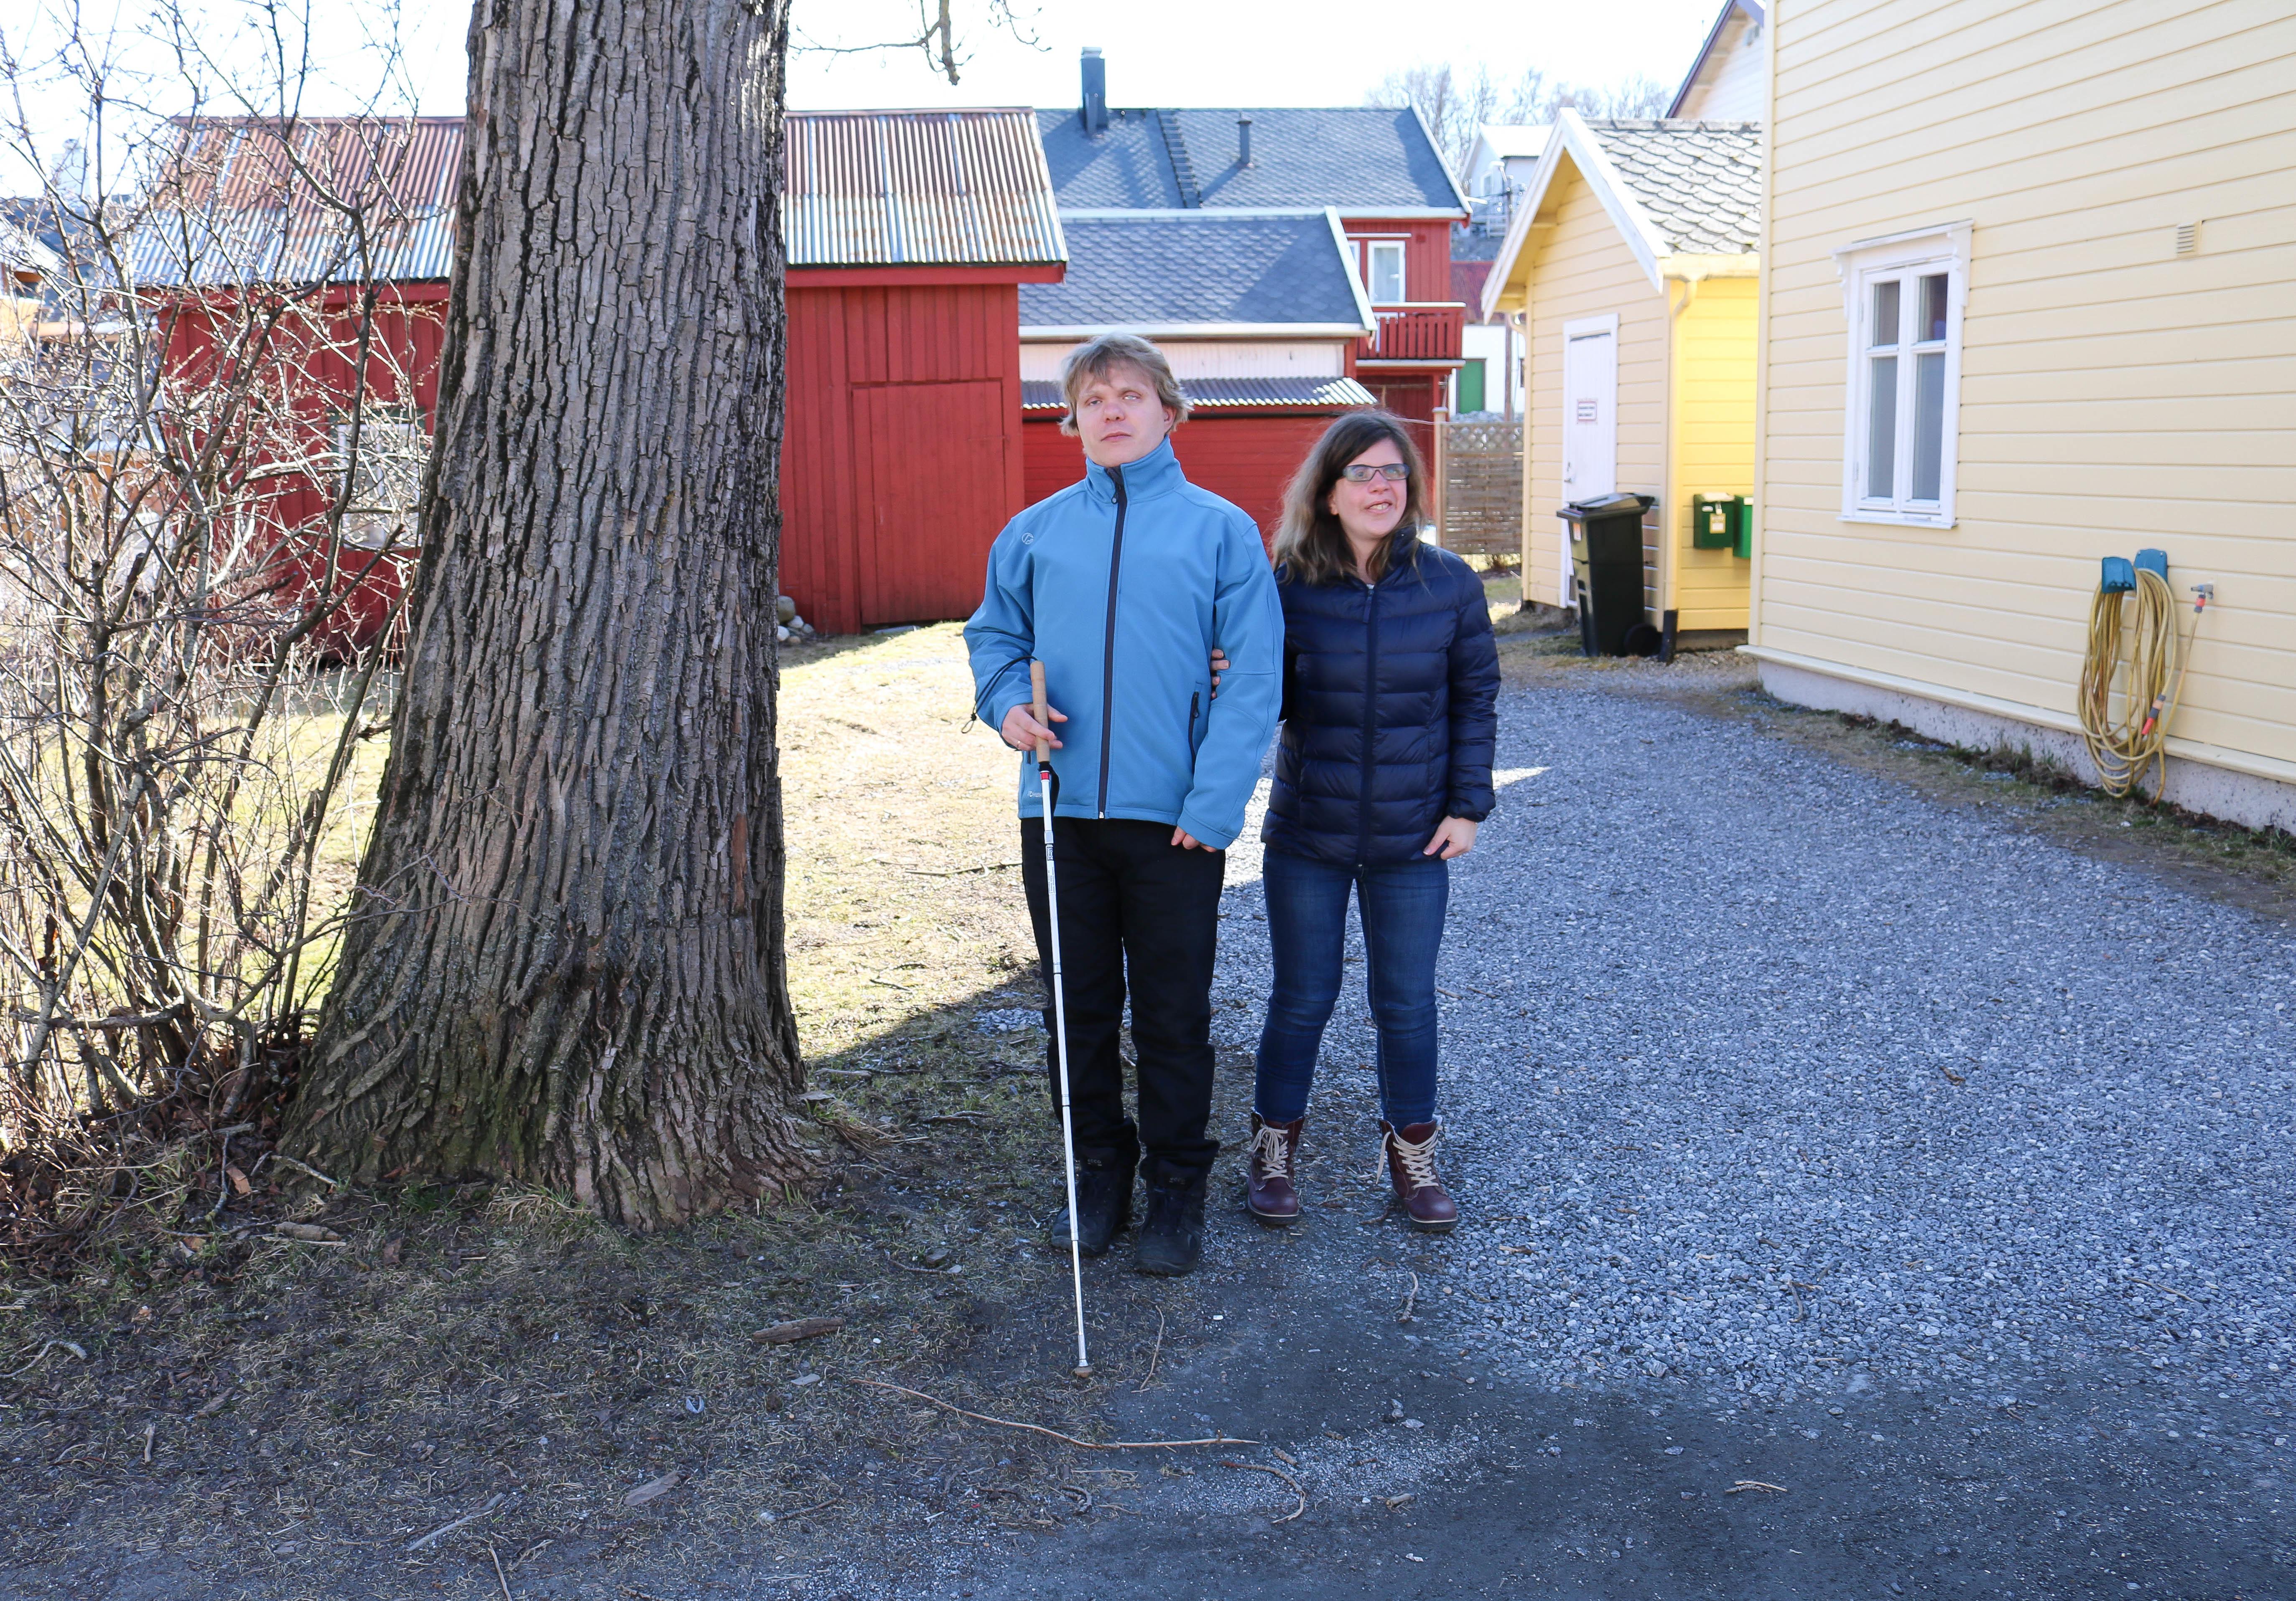 Døvblind mann med blindestokk og hans kone, står i innkjørselen til et gult hus.